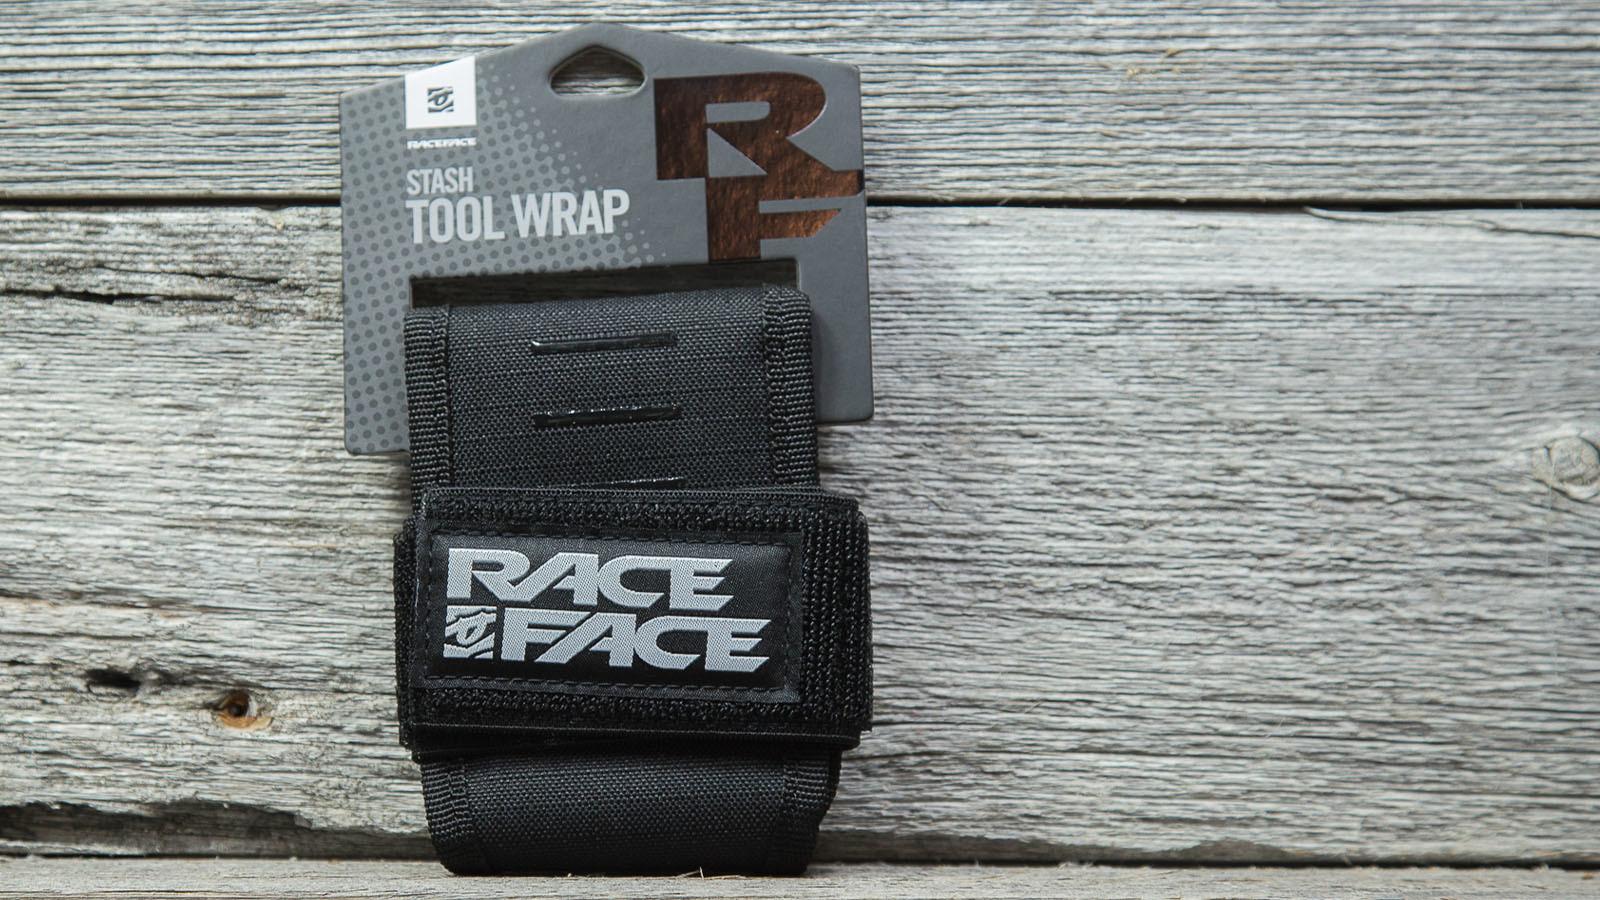 Wrap it Up! Race Face Stash Wrap